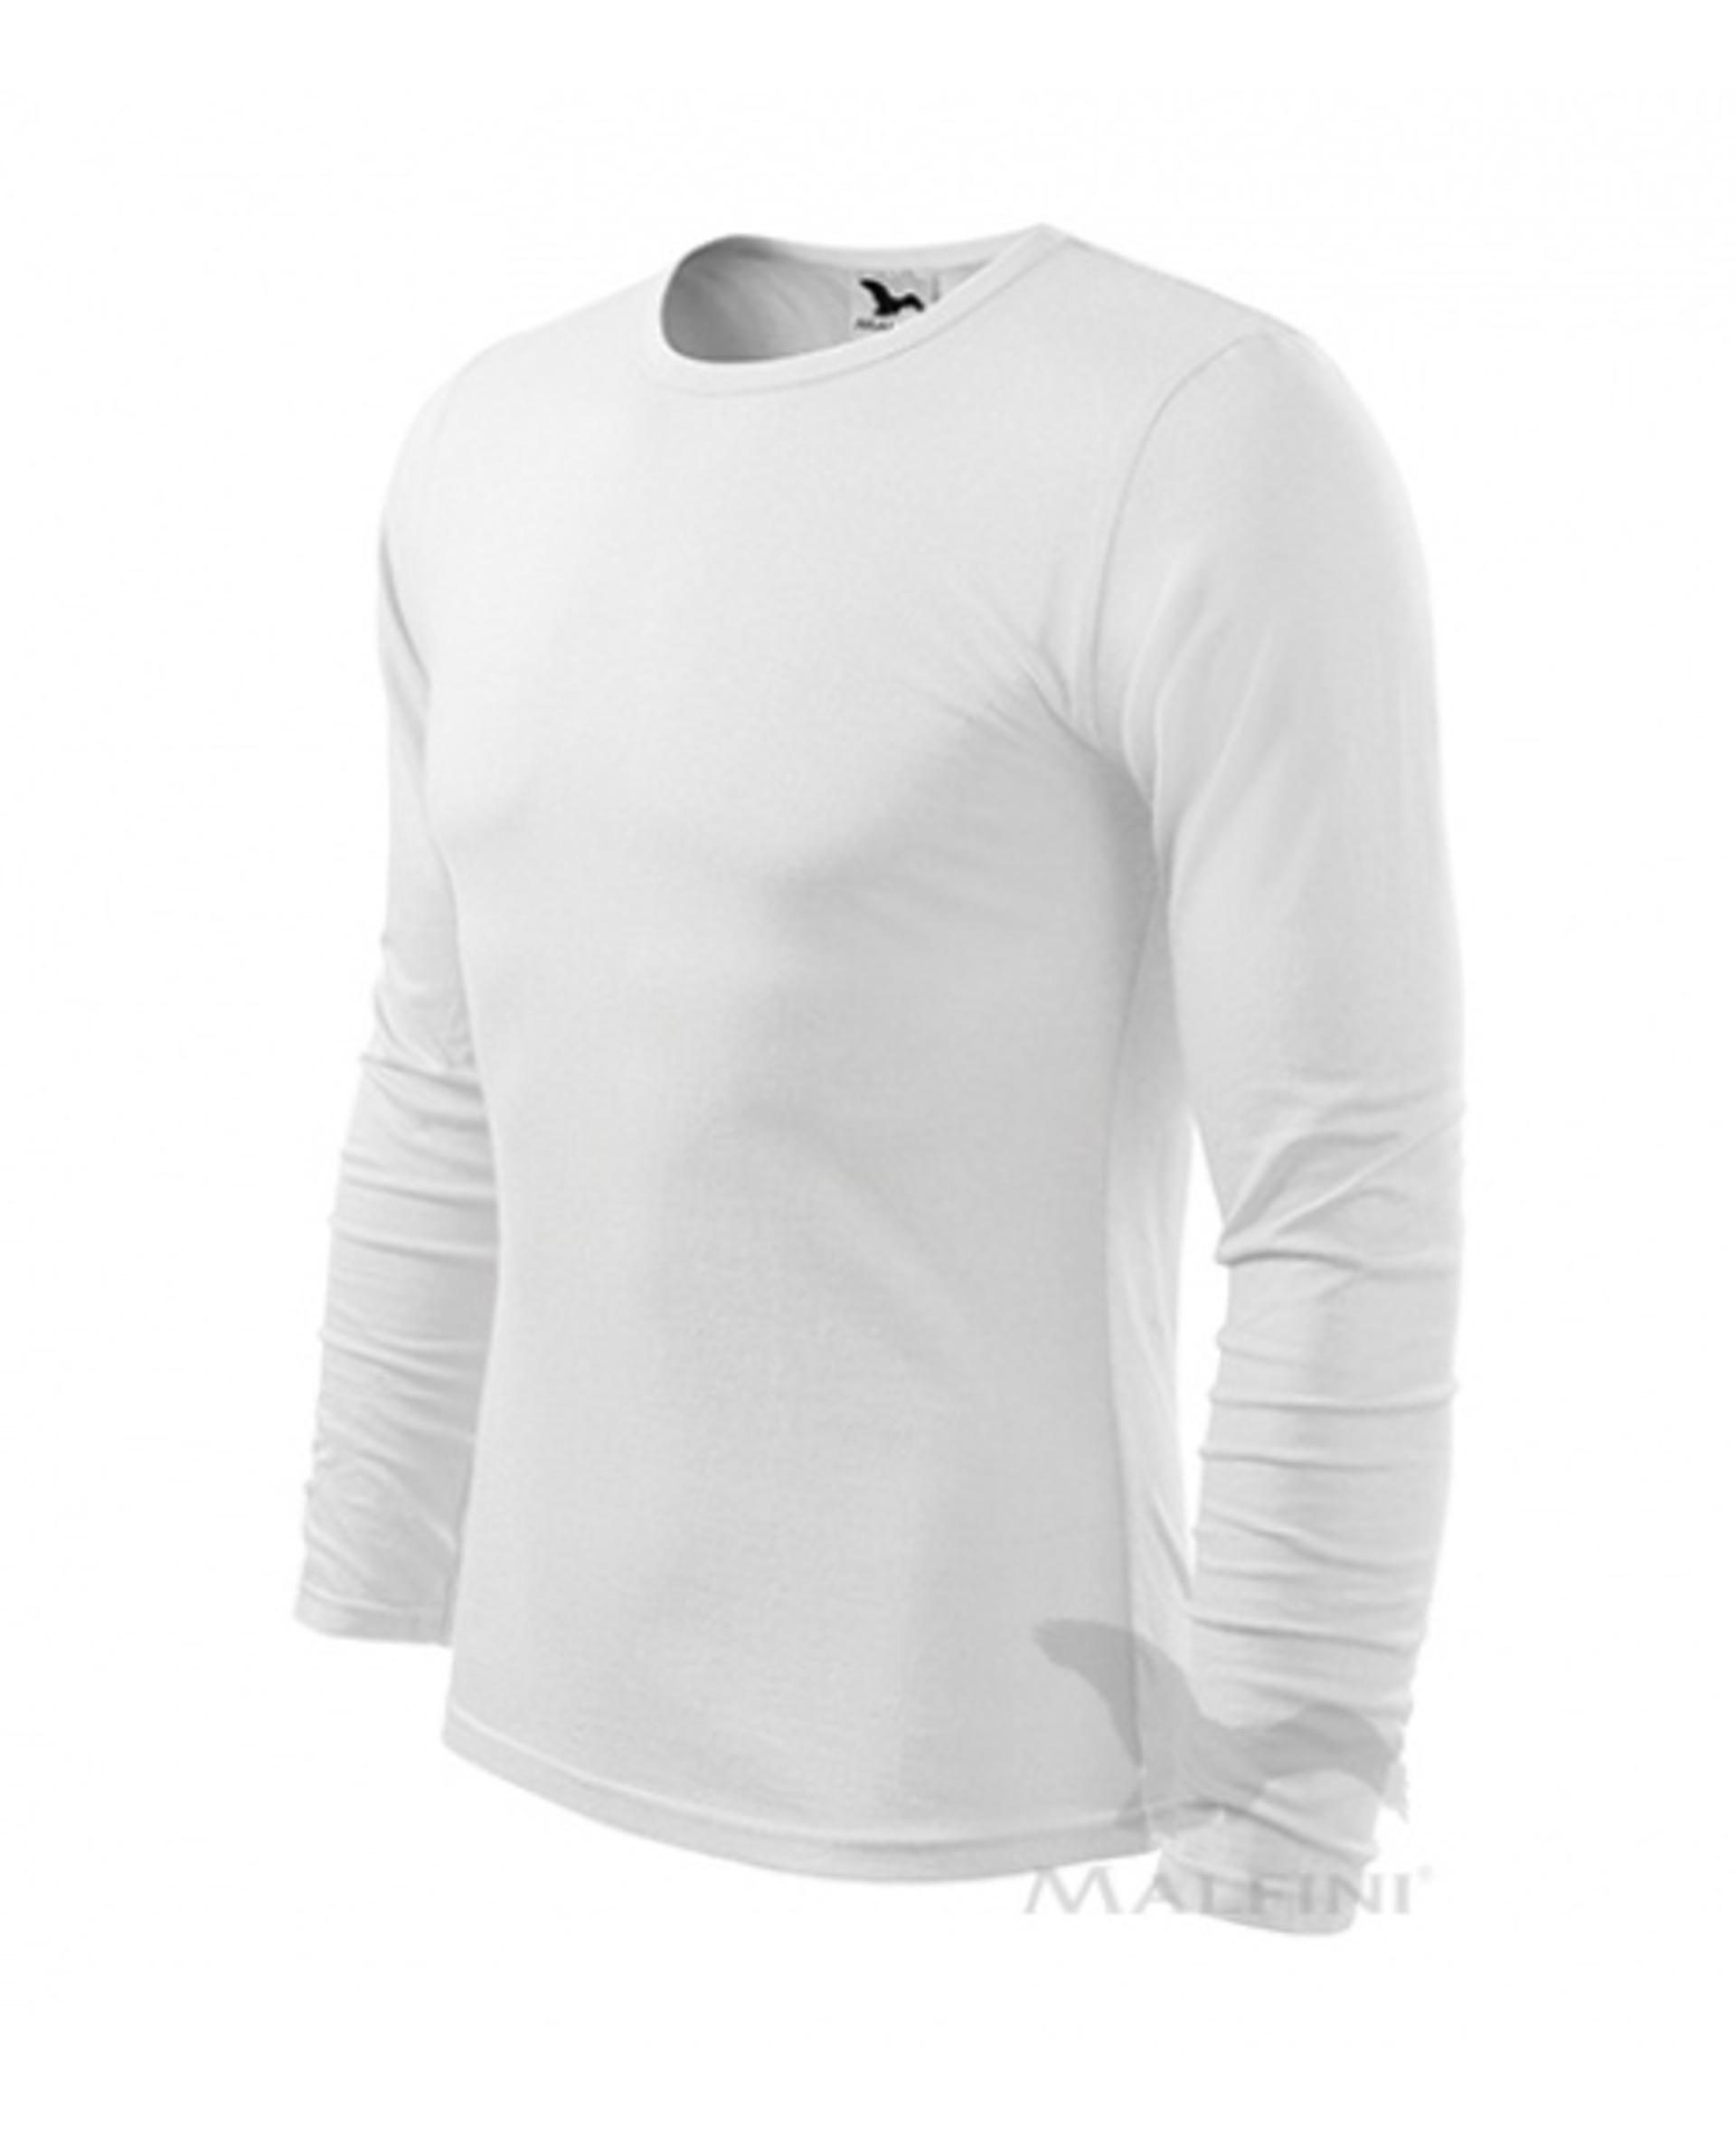 ADLER FIT-T LONG SLEEVE pánské dlouhý rukáv Tričko bílá L